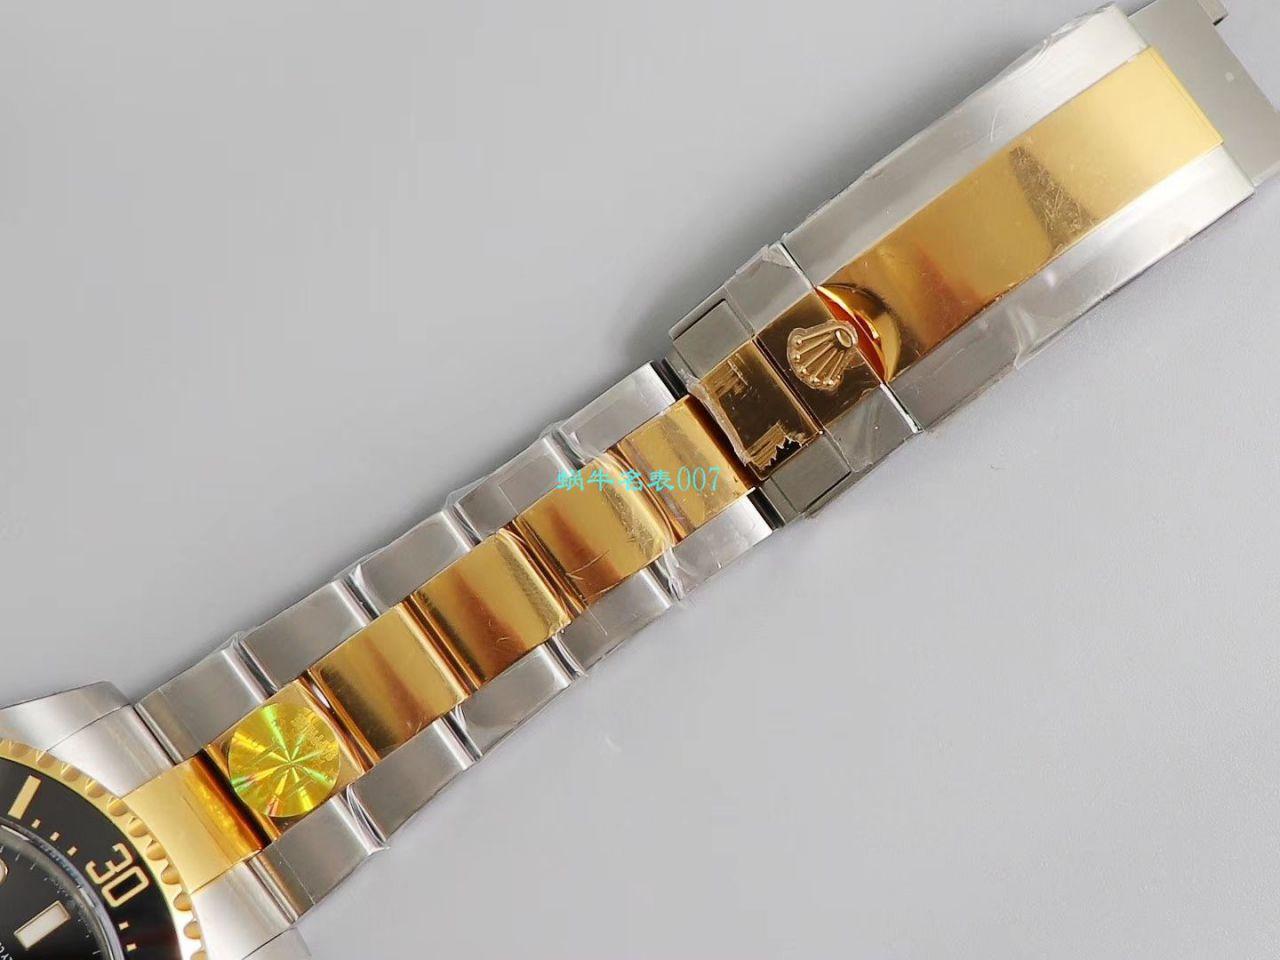 【D1最强包金王单黄复刻表】劳力士海使型系列m126603-0001腕表 / R527